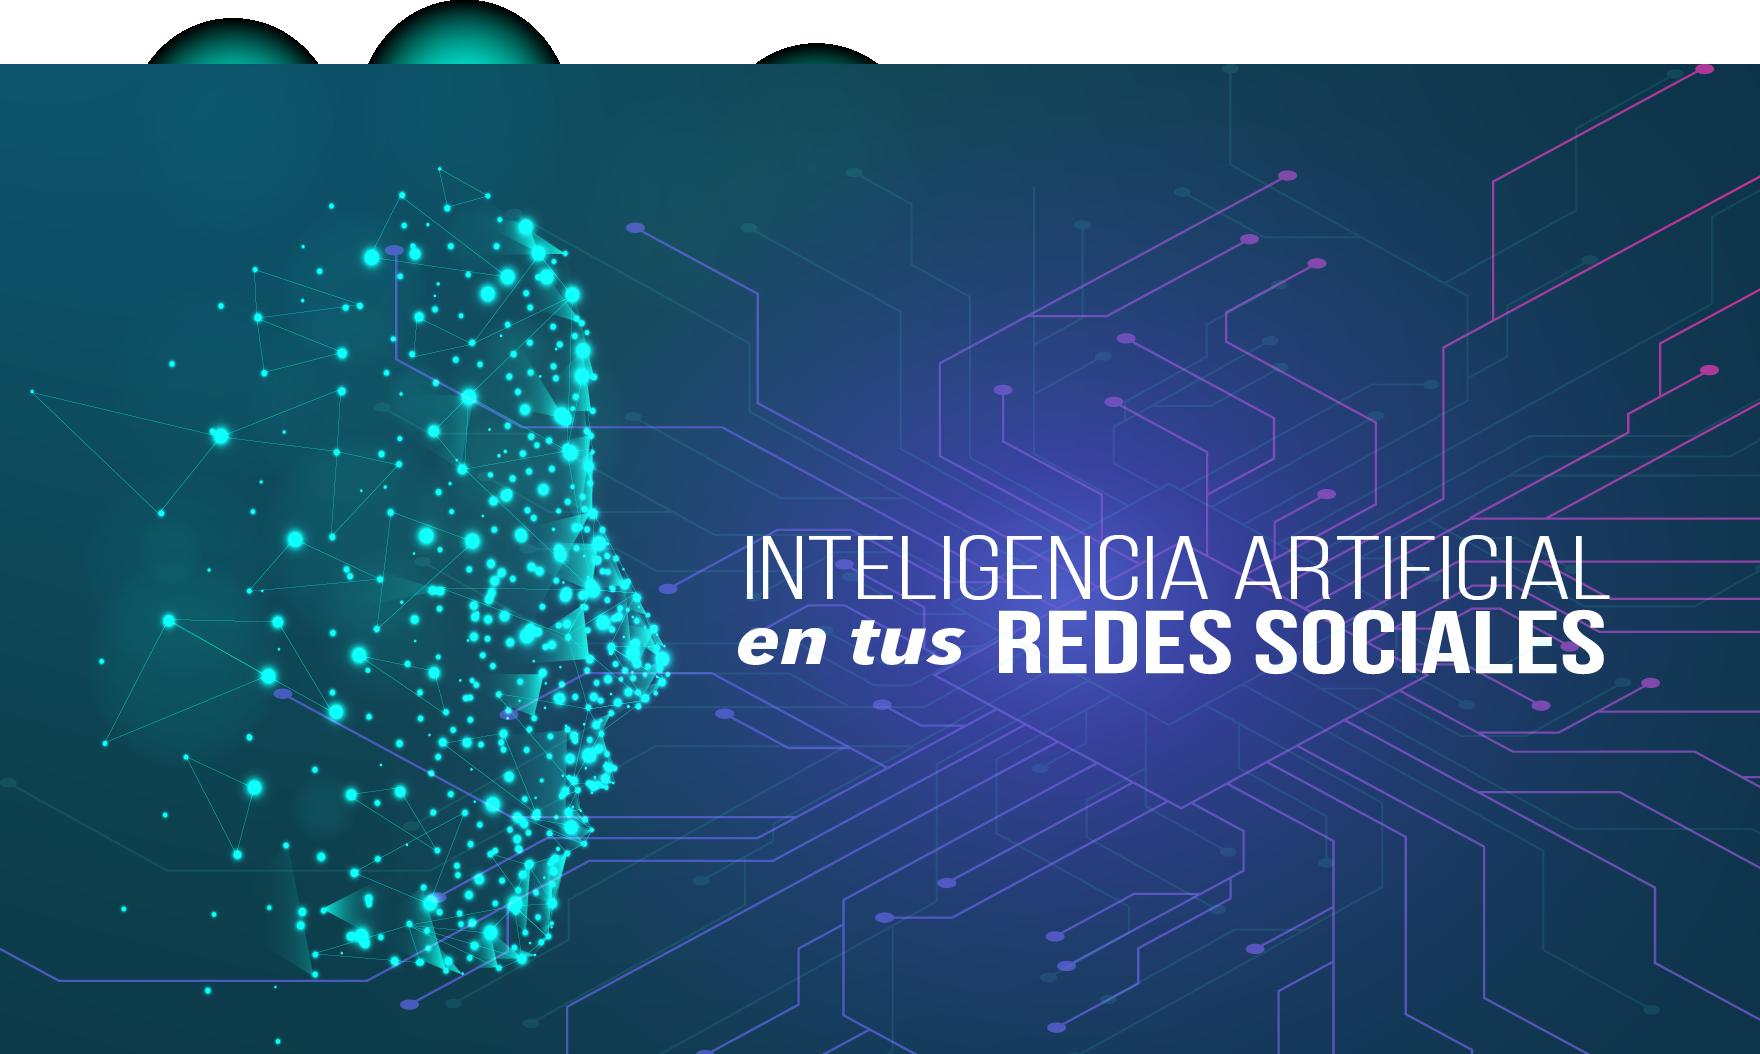 Ventajas de la Inteligencia Artificial en redes sociales